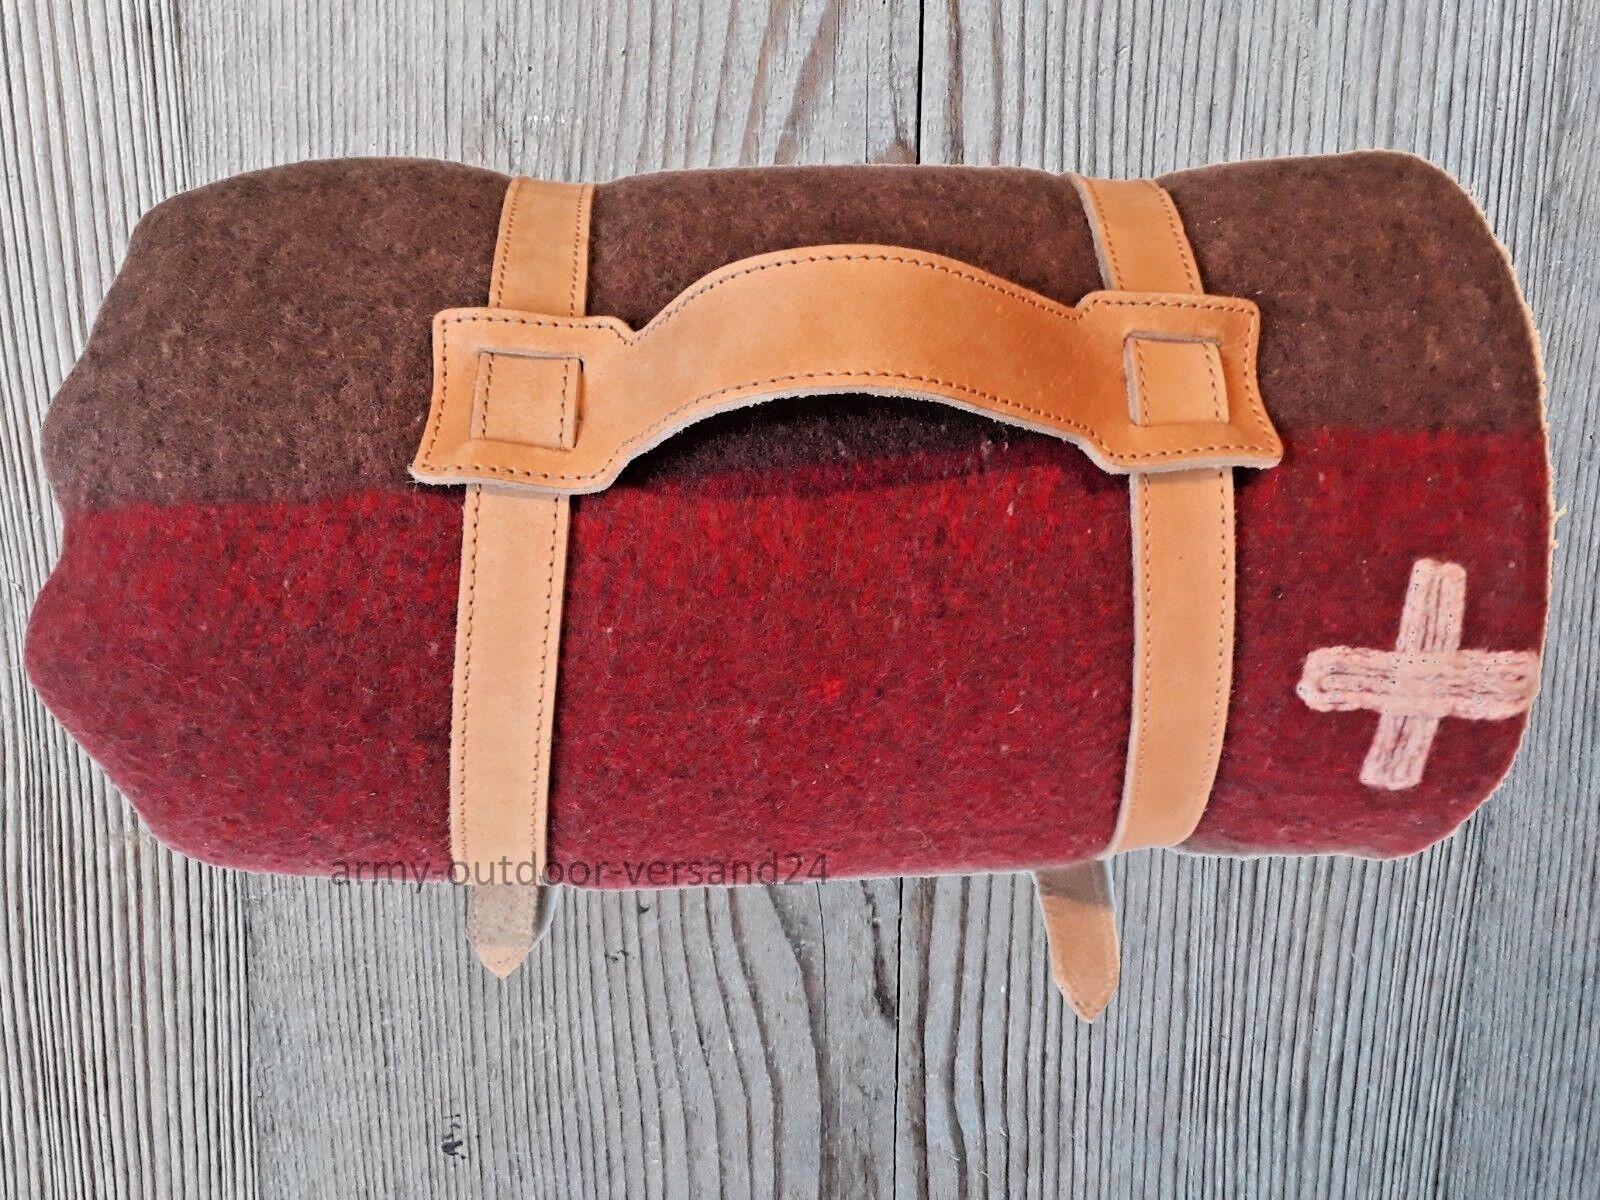 2cfe2167c670e9 TAPPETO Originale coperta cavalli con alta qualità di cuoio NUOVO Esercito  Svizzero novaxh8062-Altre attrezzature